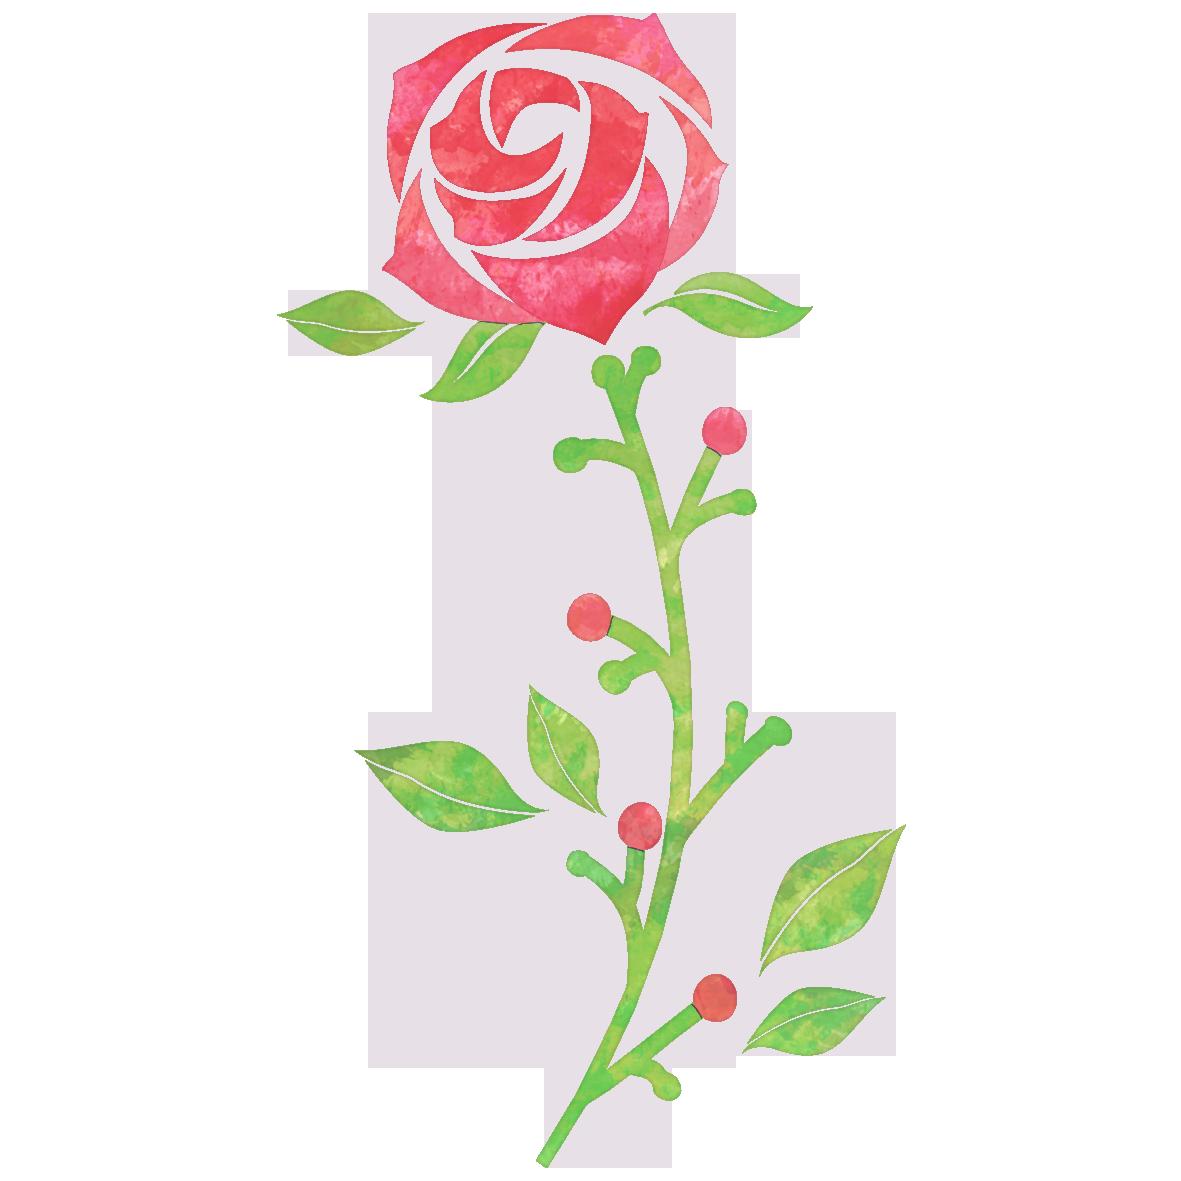 一輪の赤いバラの花 無料イラスト愛